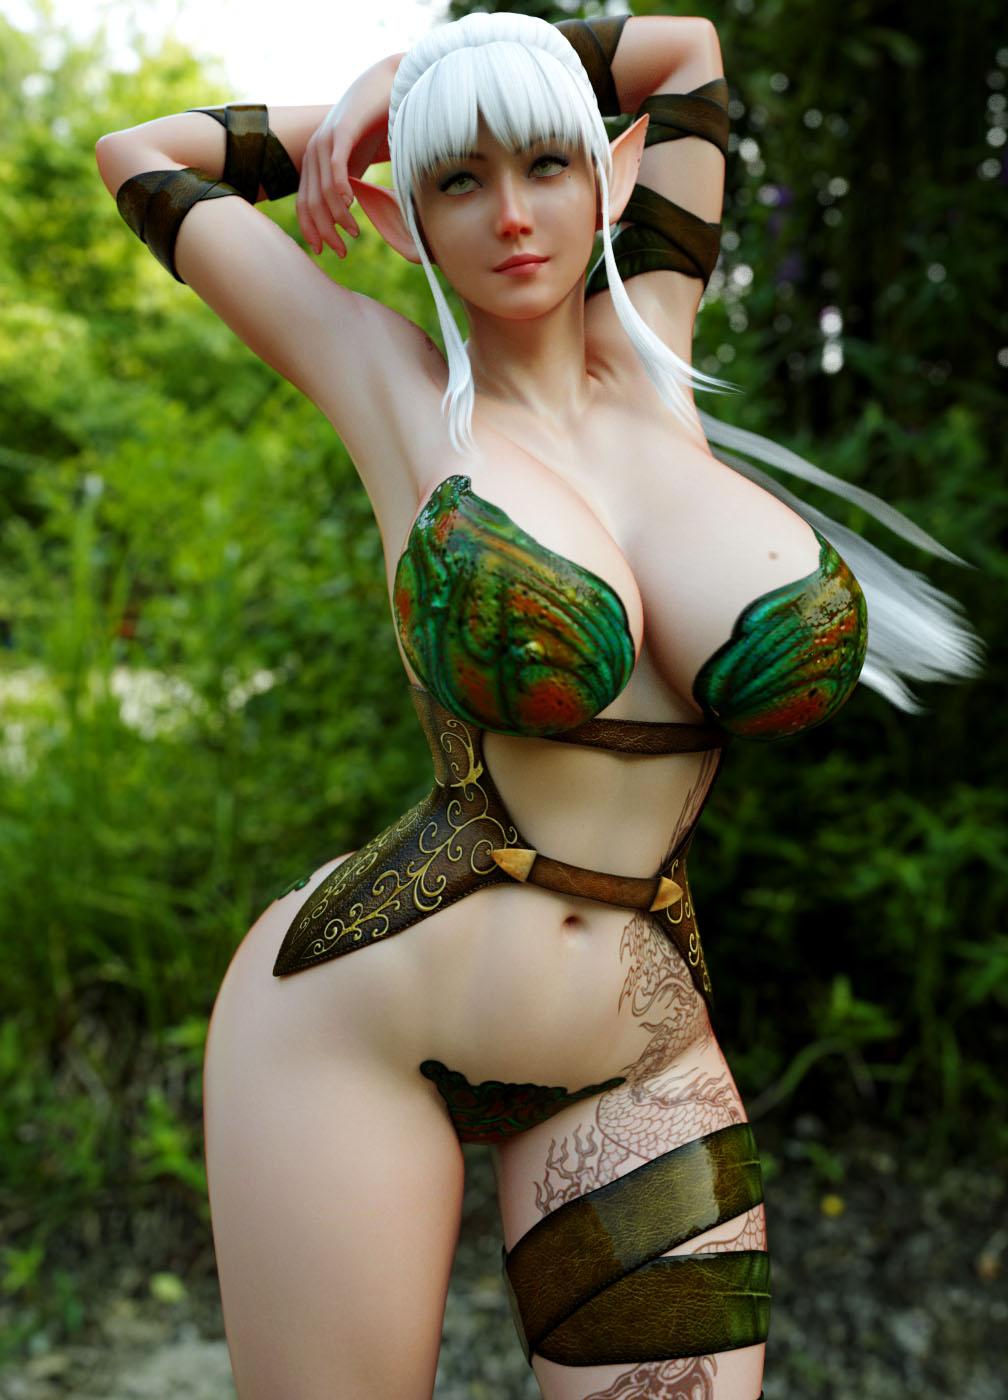 elven_beauty_by_guhzcoituz-db15e7x